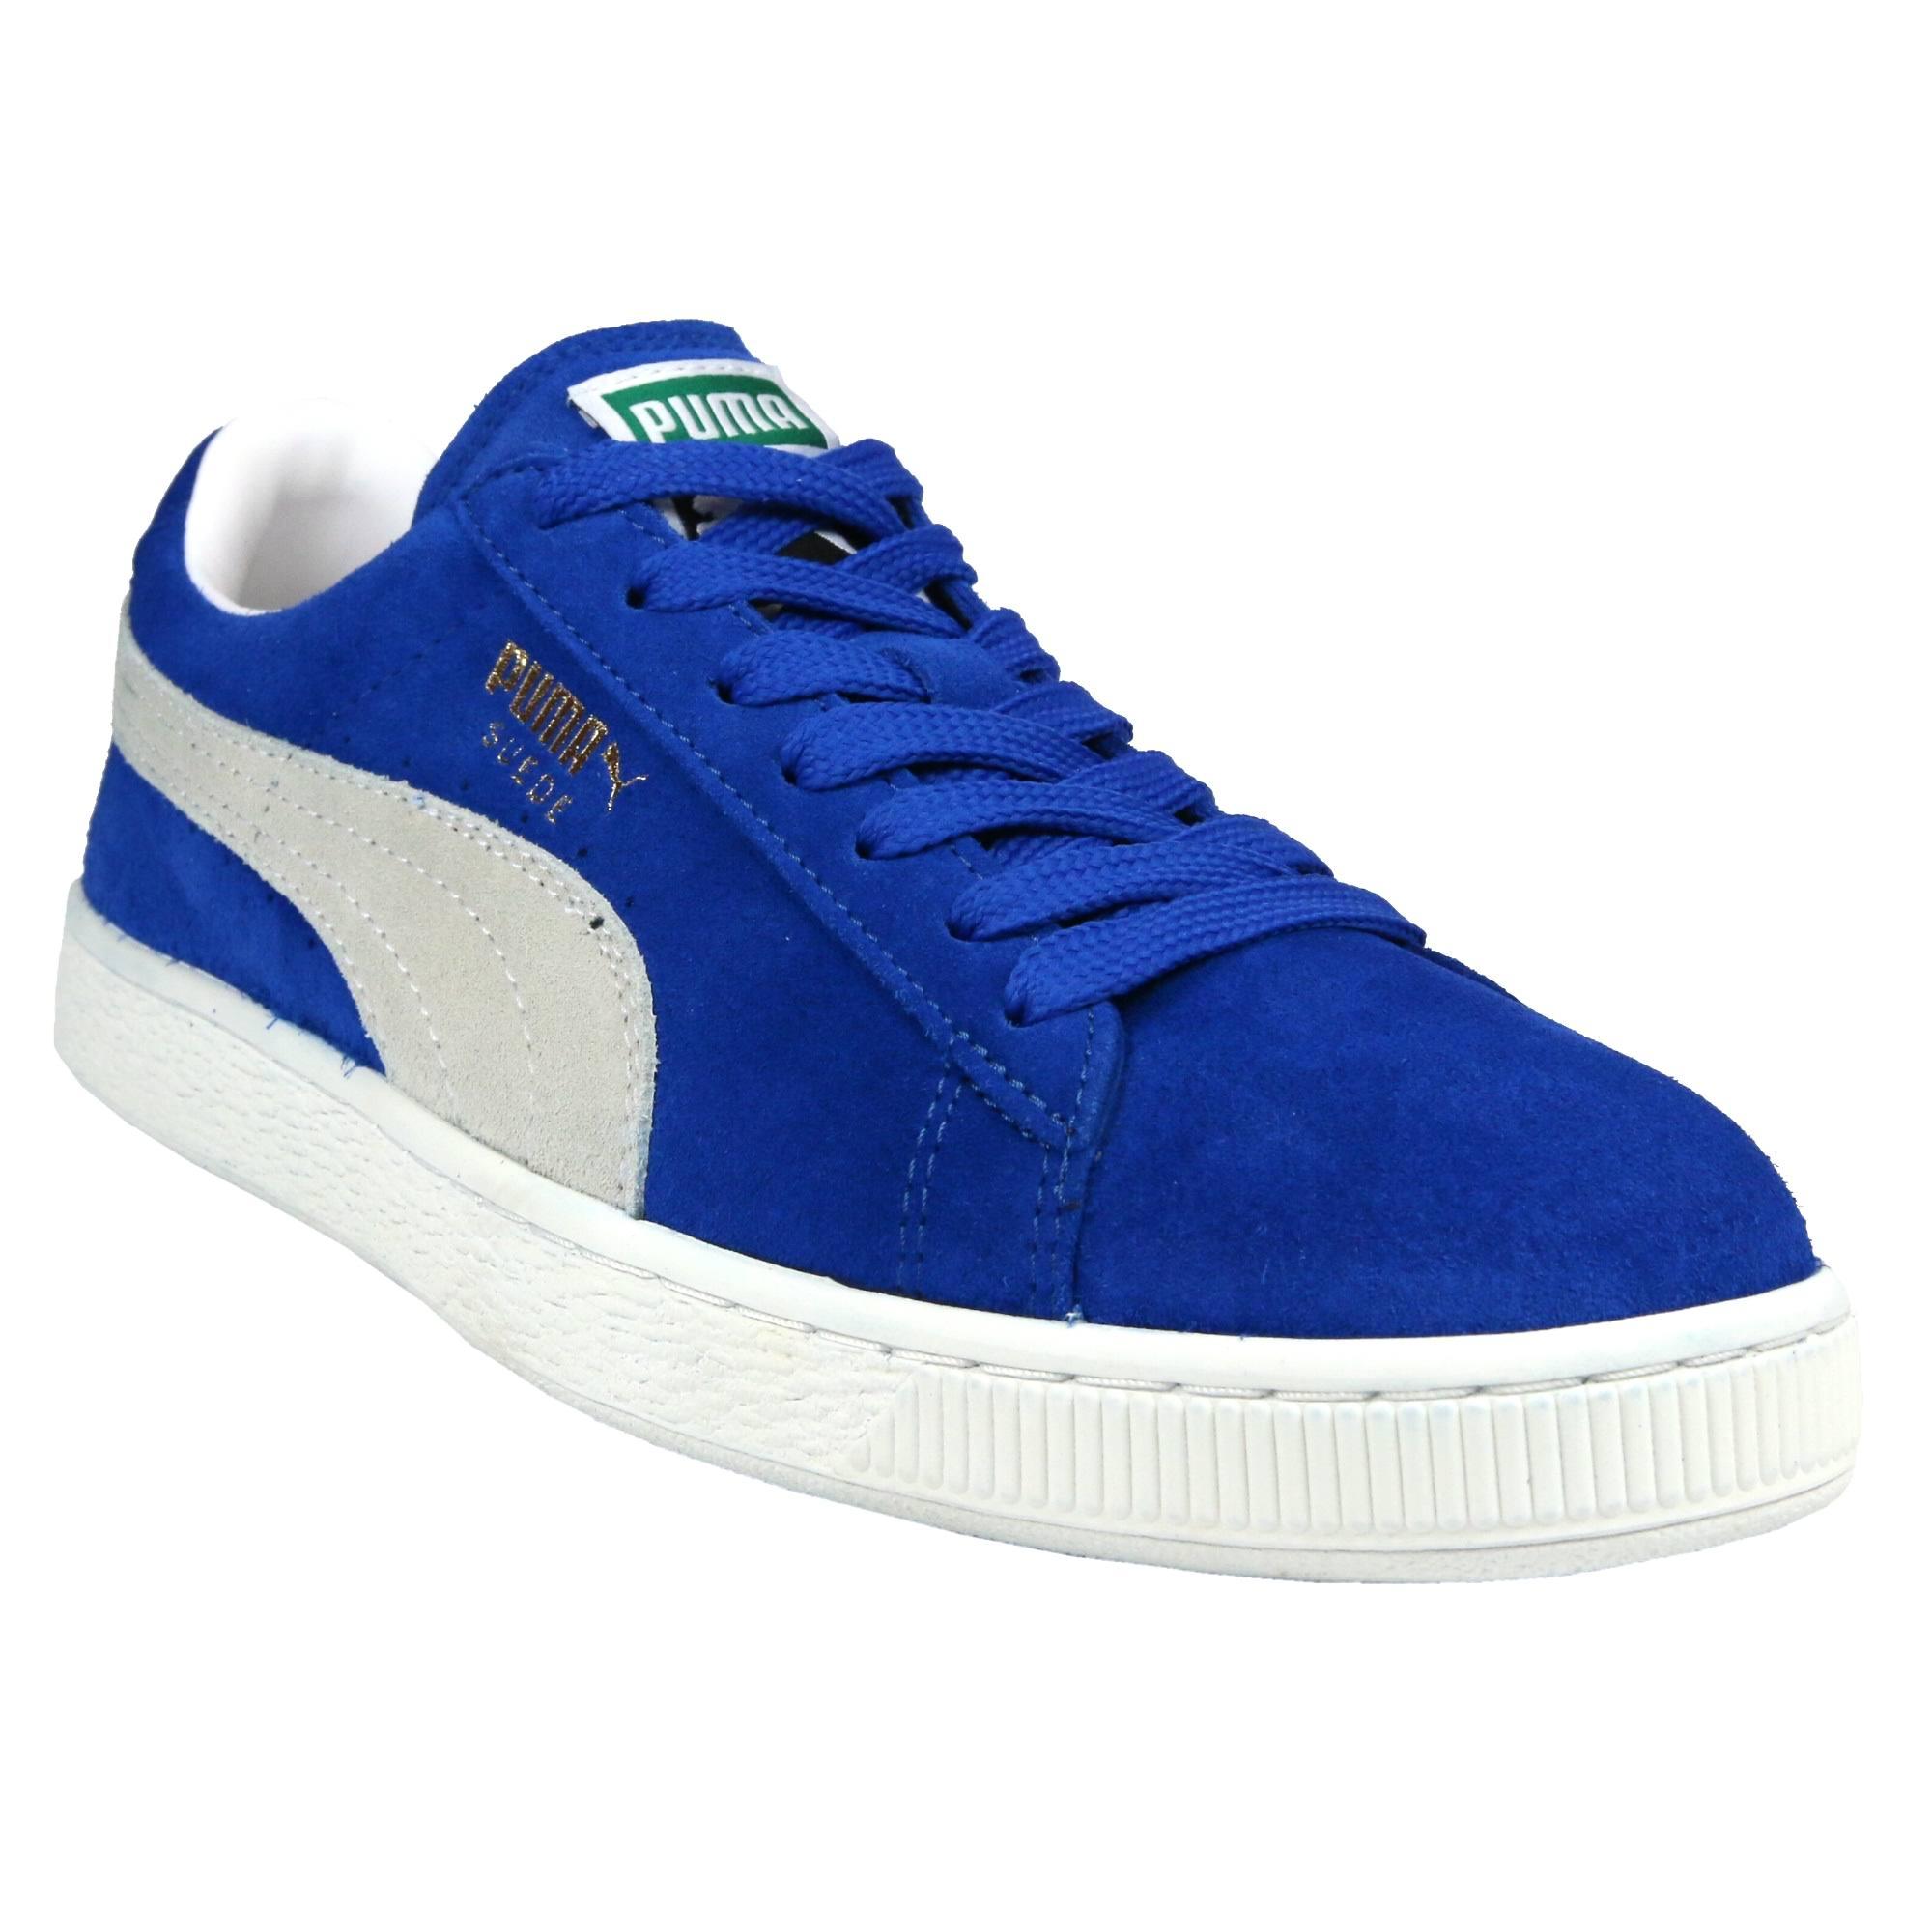 Blau ' 'suede Weiß Puma Classic Sneaker gqfwqCH6Ox